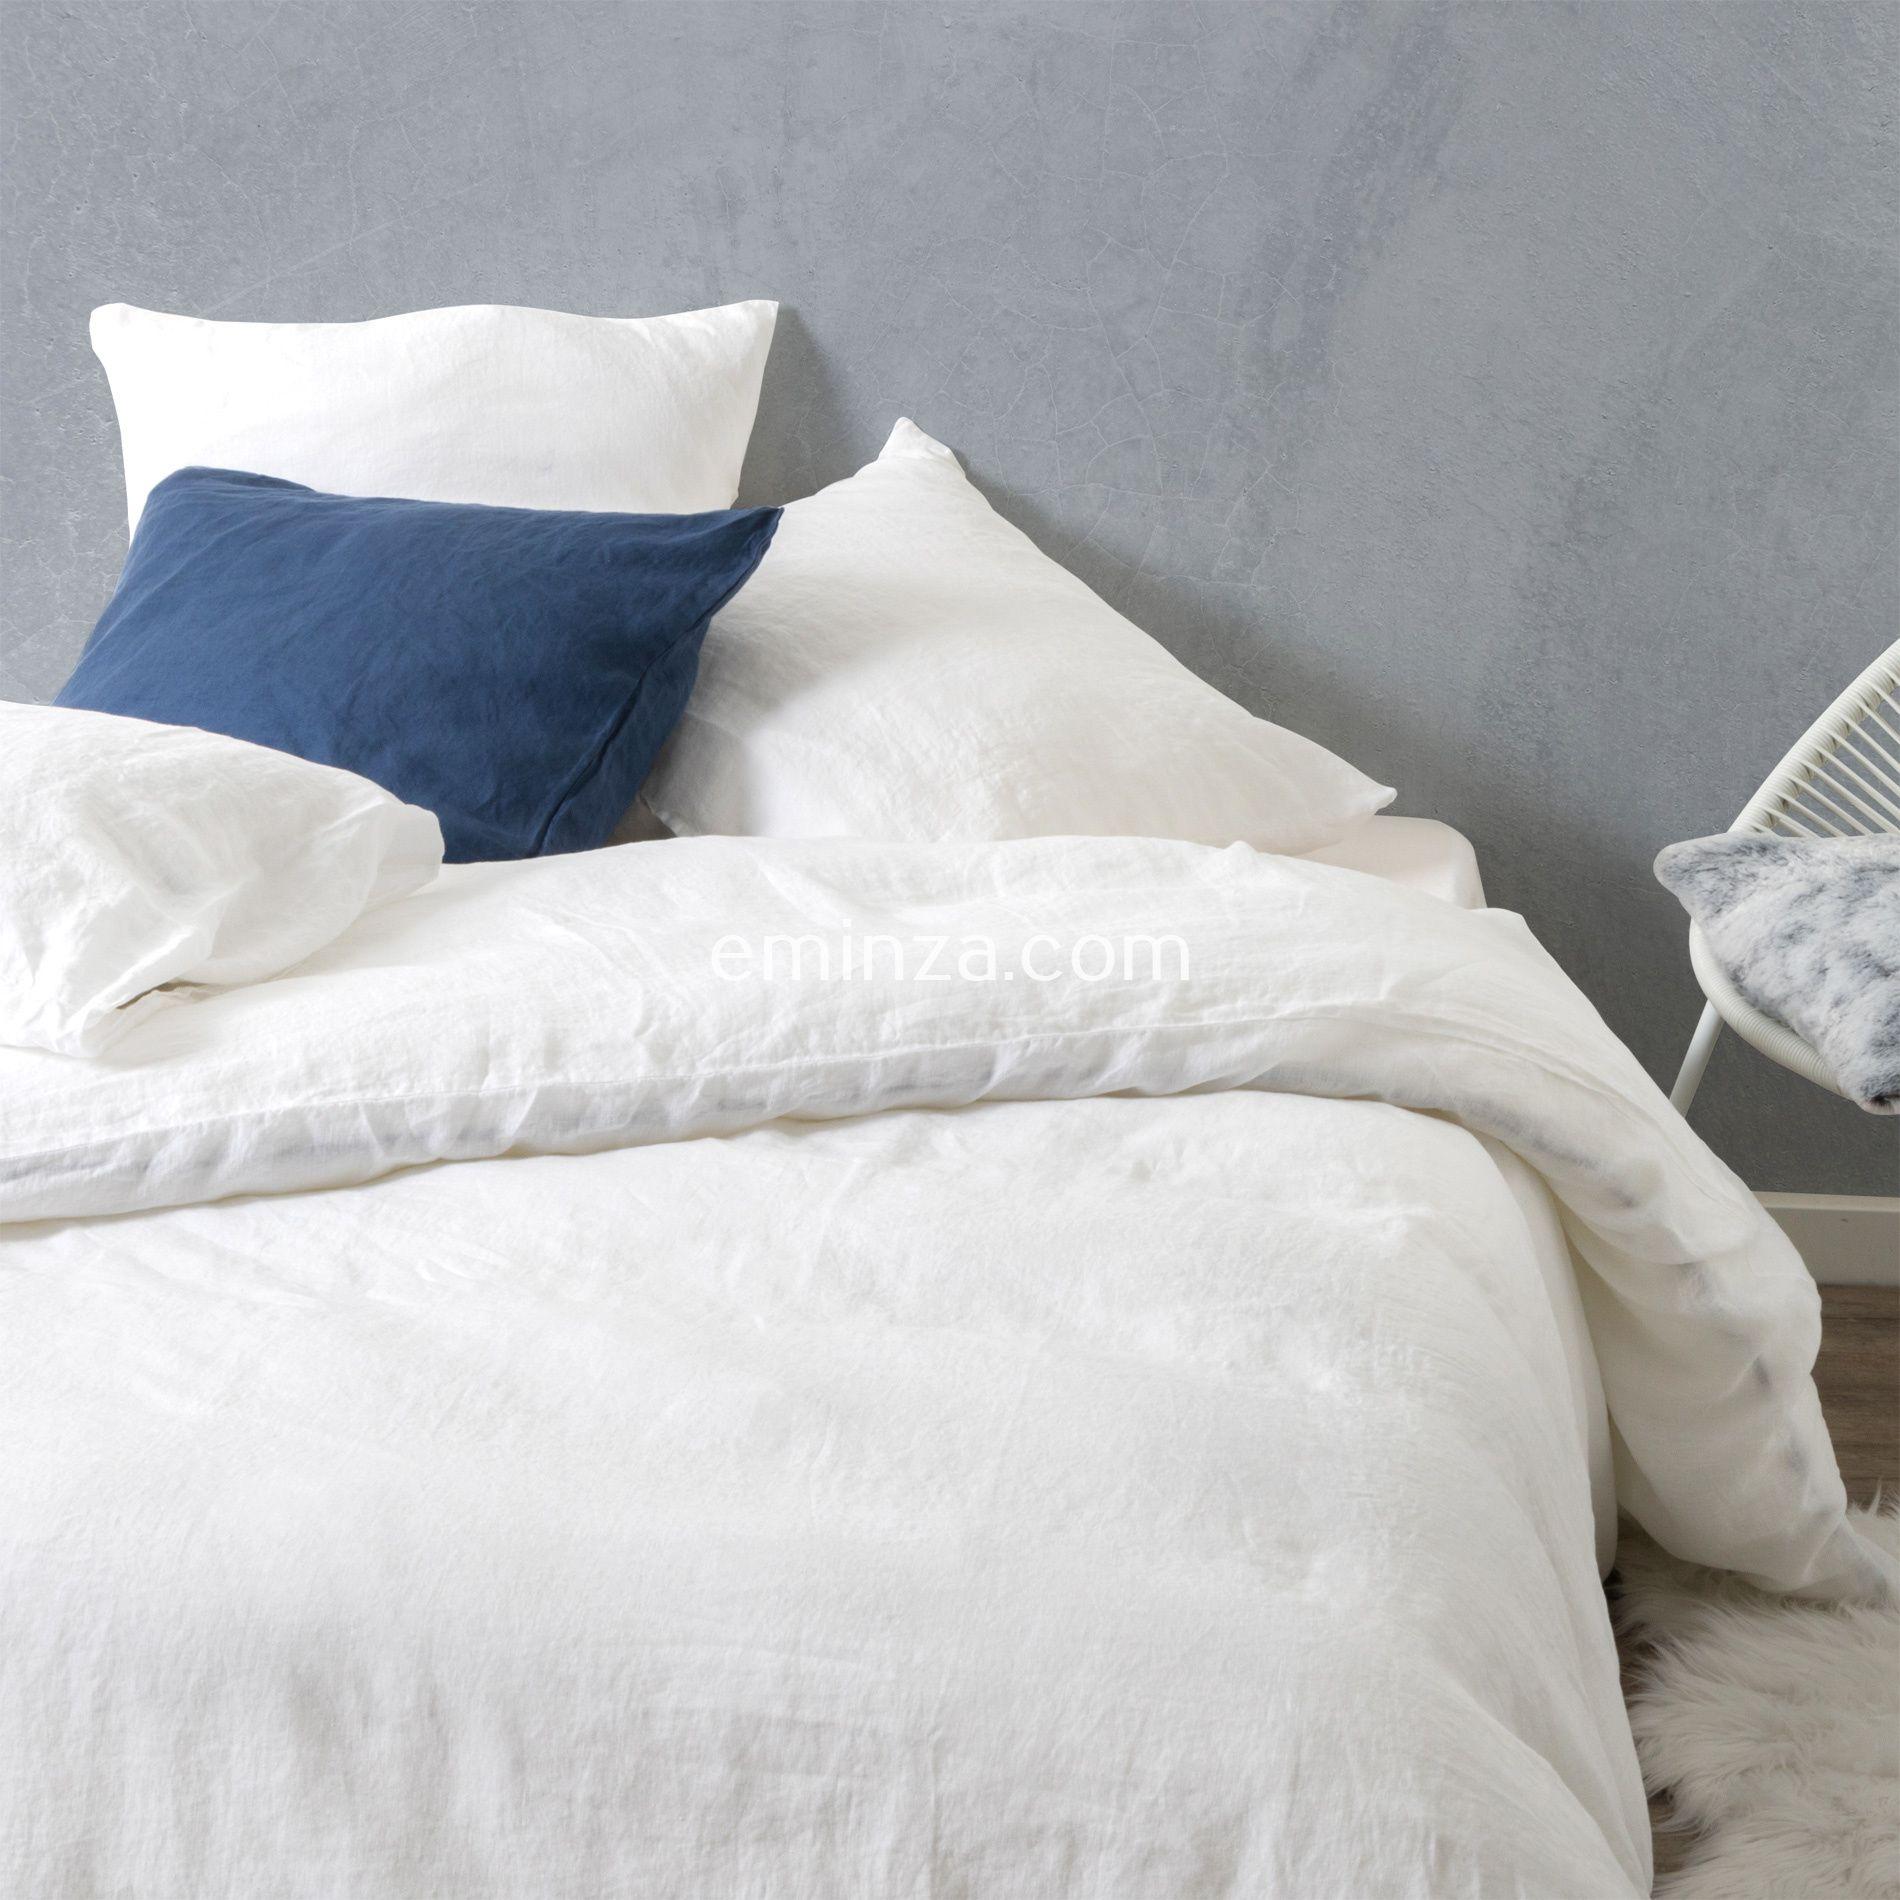 Housse de couette 240 cm lin lav pure blanc neige - Housse de couette lin blanc ...